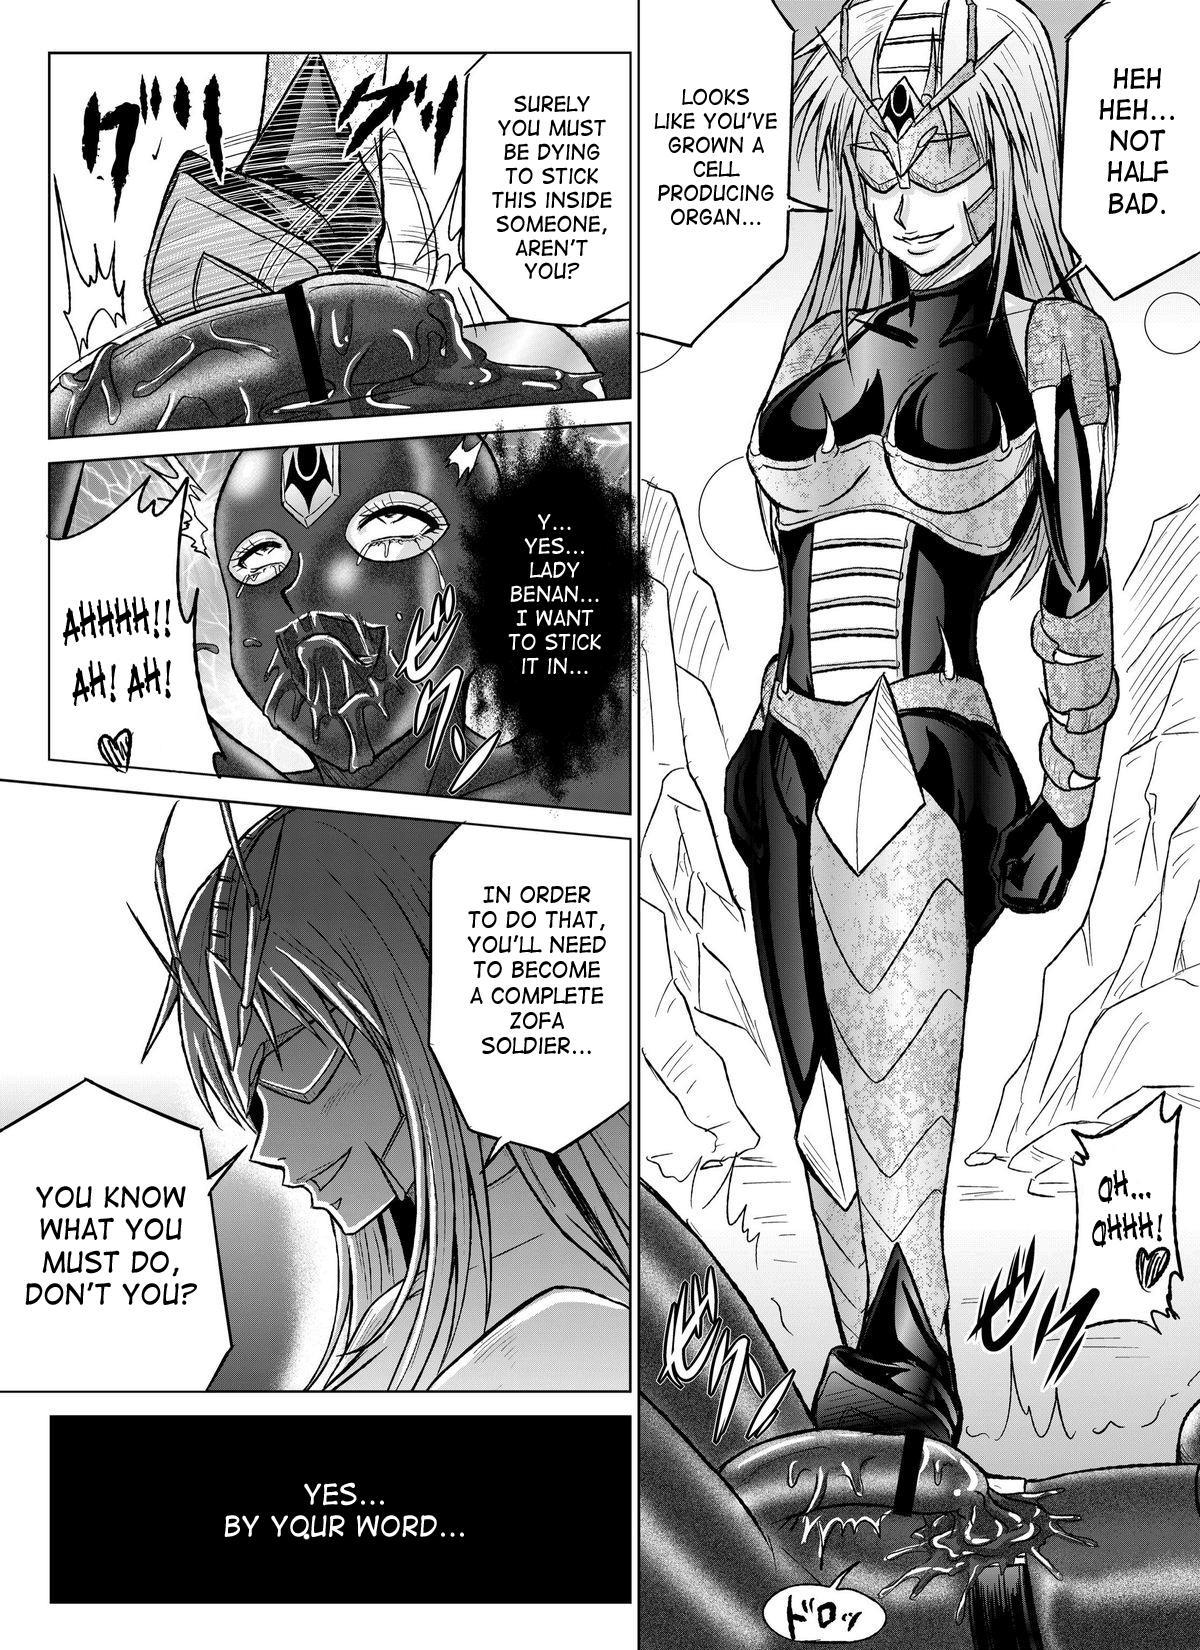 [Macxe's (monmon)] Tokubousentai Dinaranger ~Heroine Kairaku Sennou Keikaku~ Vol. 07/08/Gaiden01 [English] [SaHa] 53